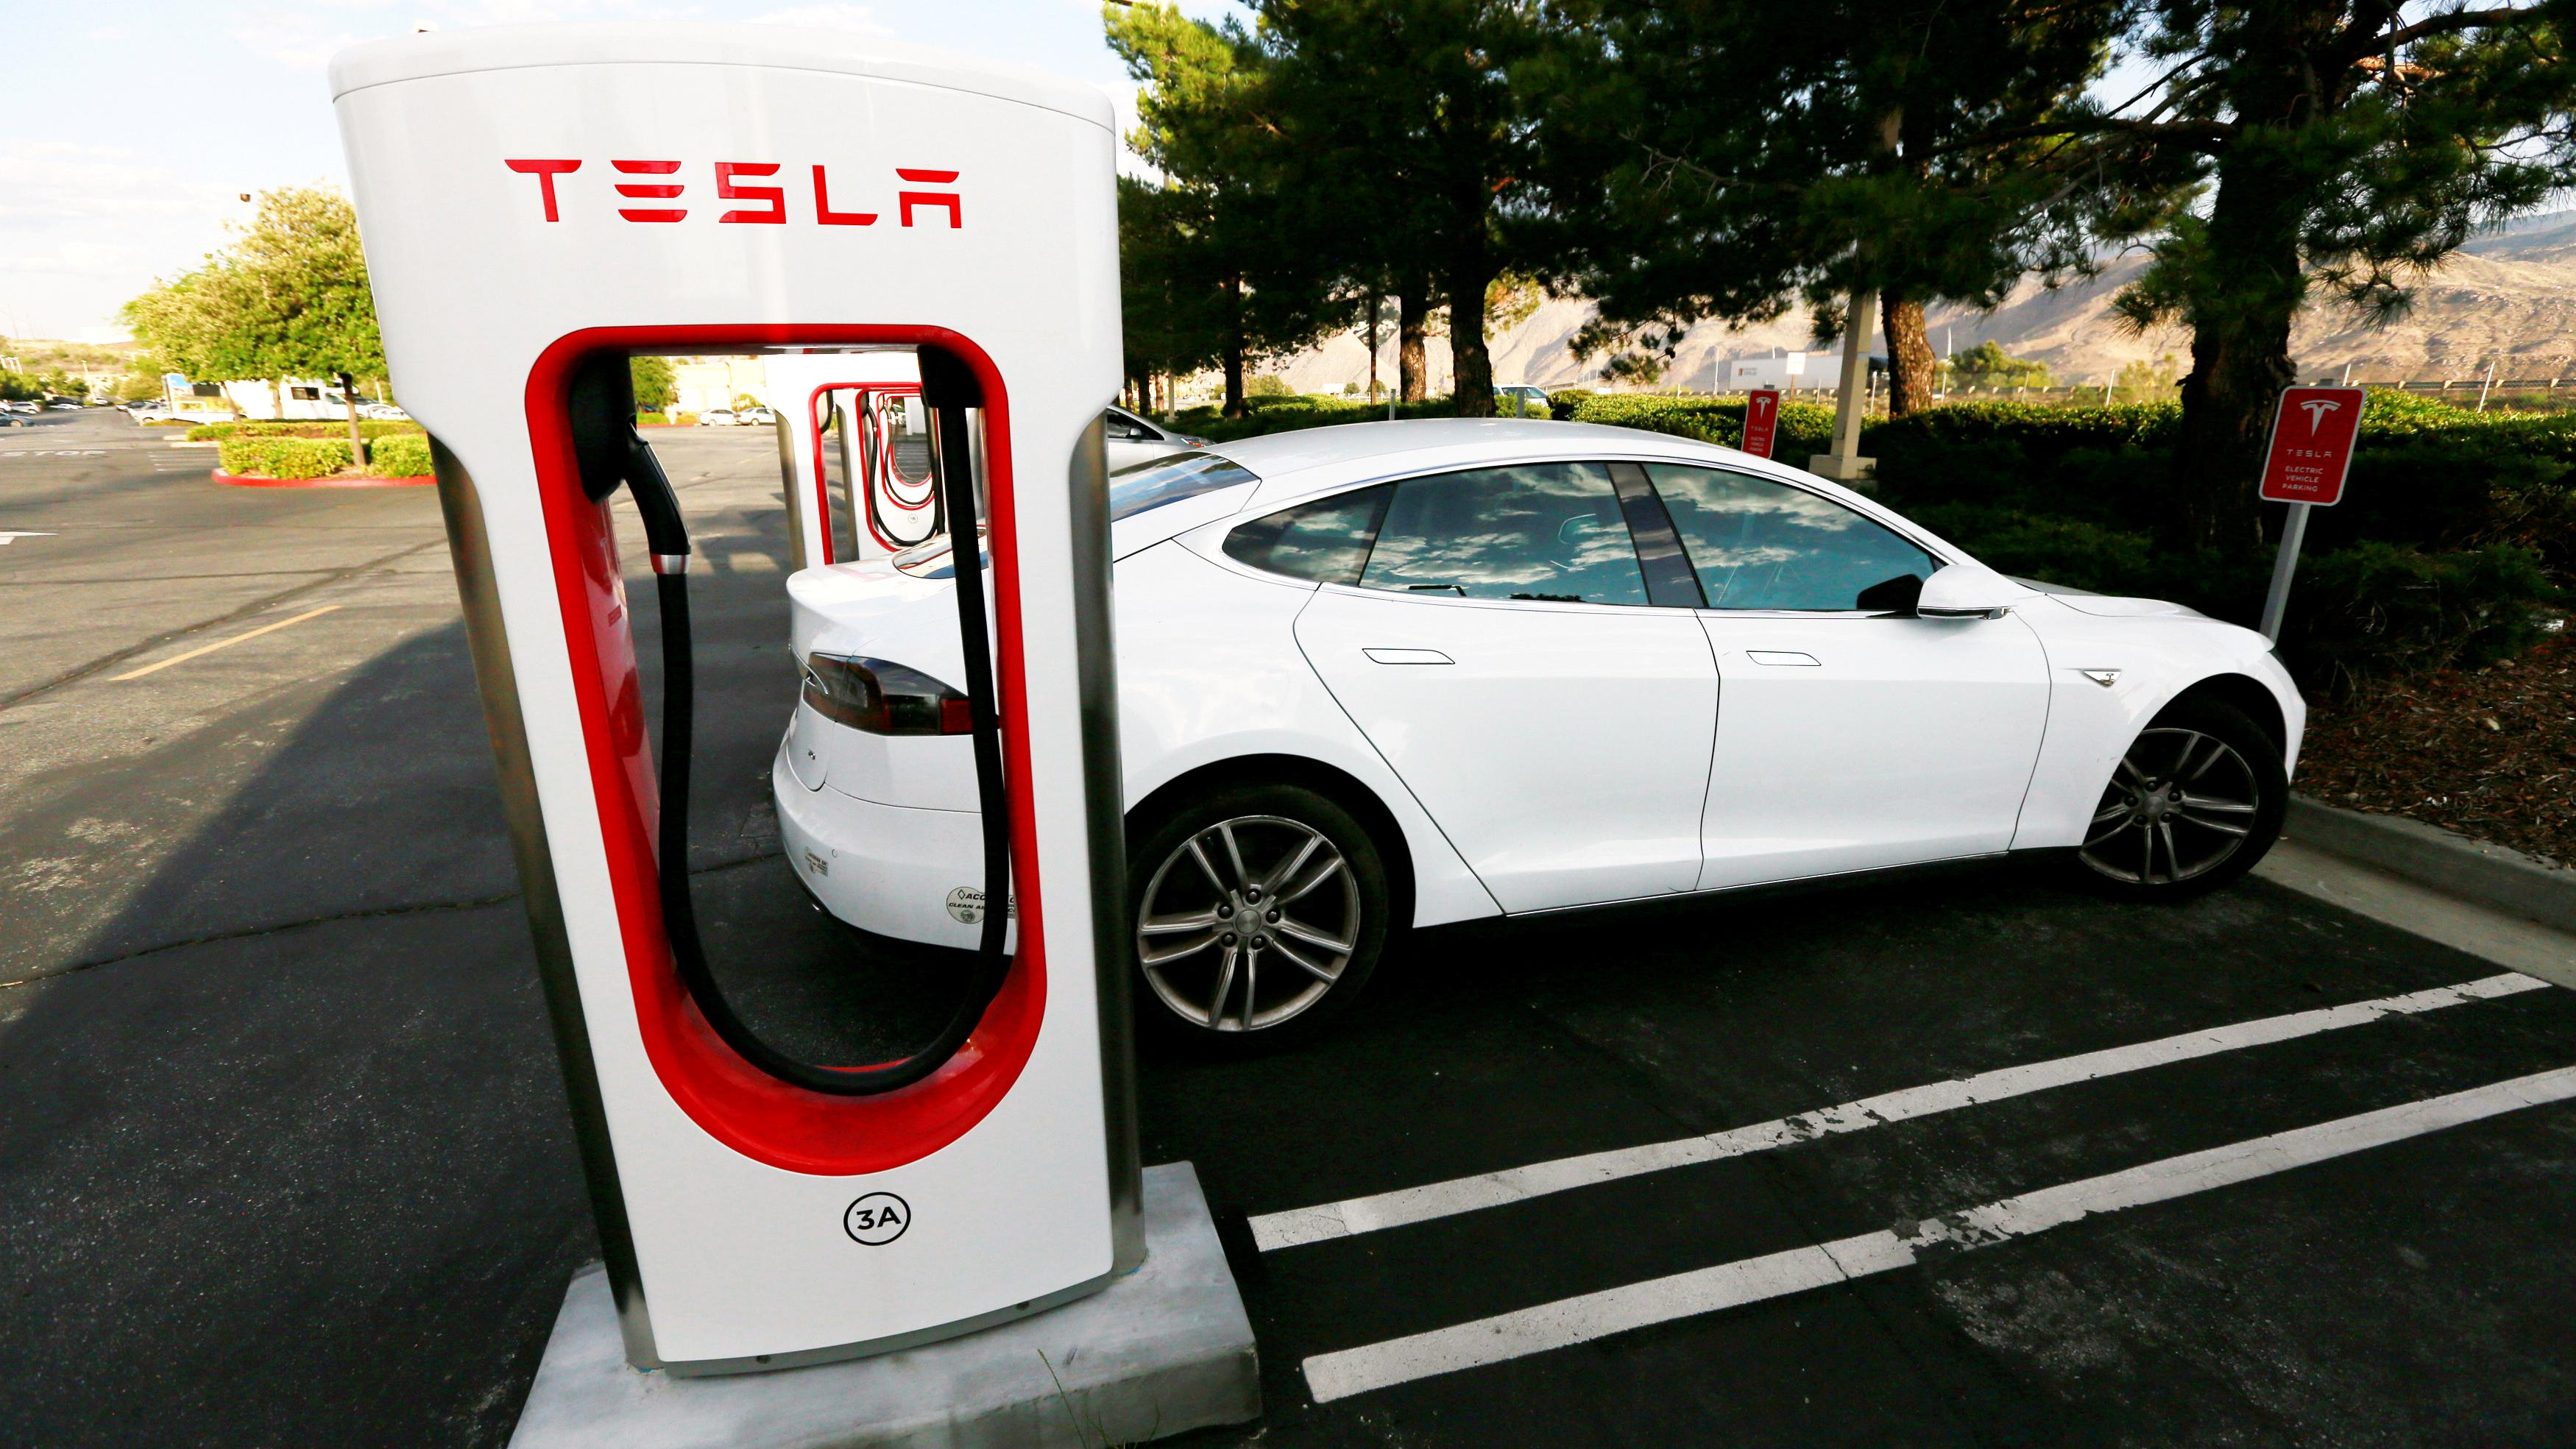 Norsk Tesla-søknad kan bety at Superchargere vil åpnes for andre biler